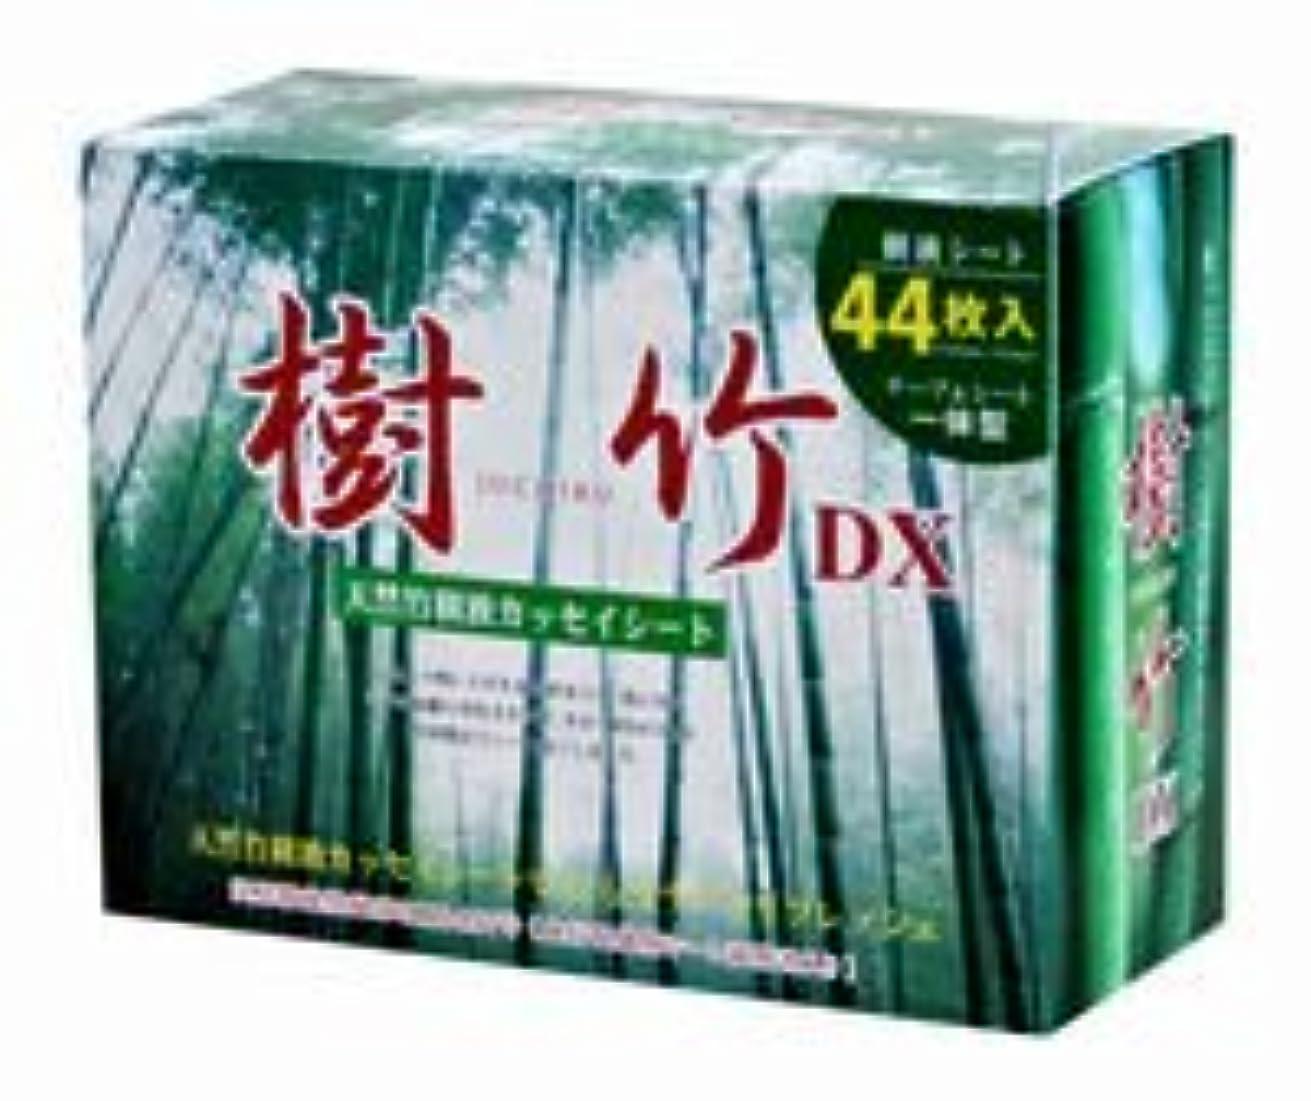 打倒免疫サーキットに行く樹竹DX 44枚入 3箱セット